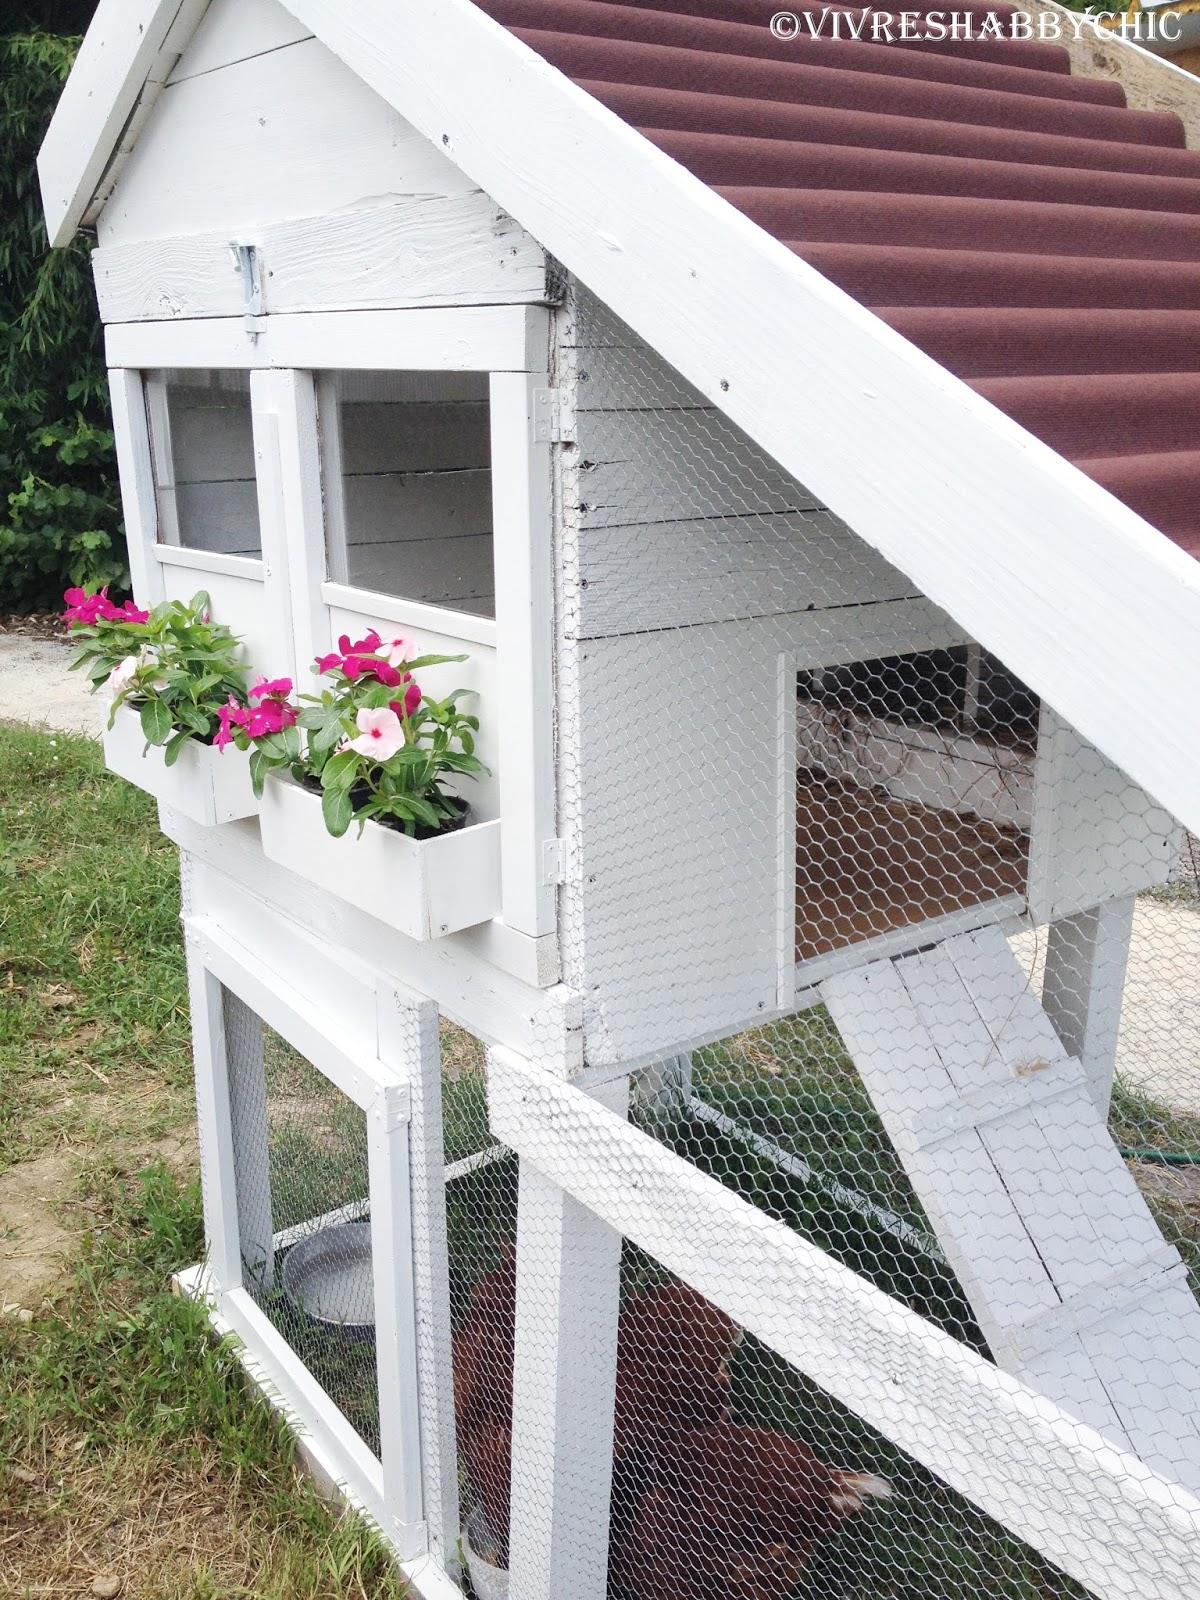 Vivre shabby chic un pollaio handmade piccolo semplice for Come costruire un piccolo cottage